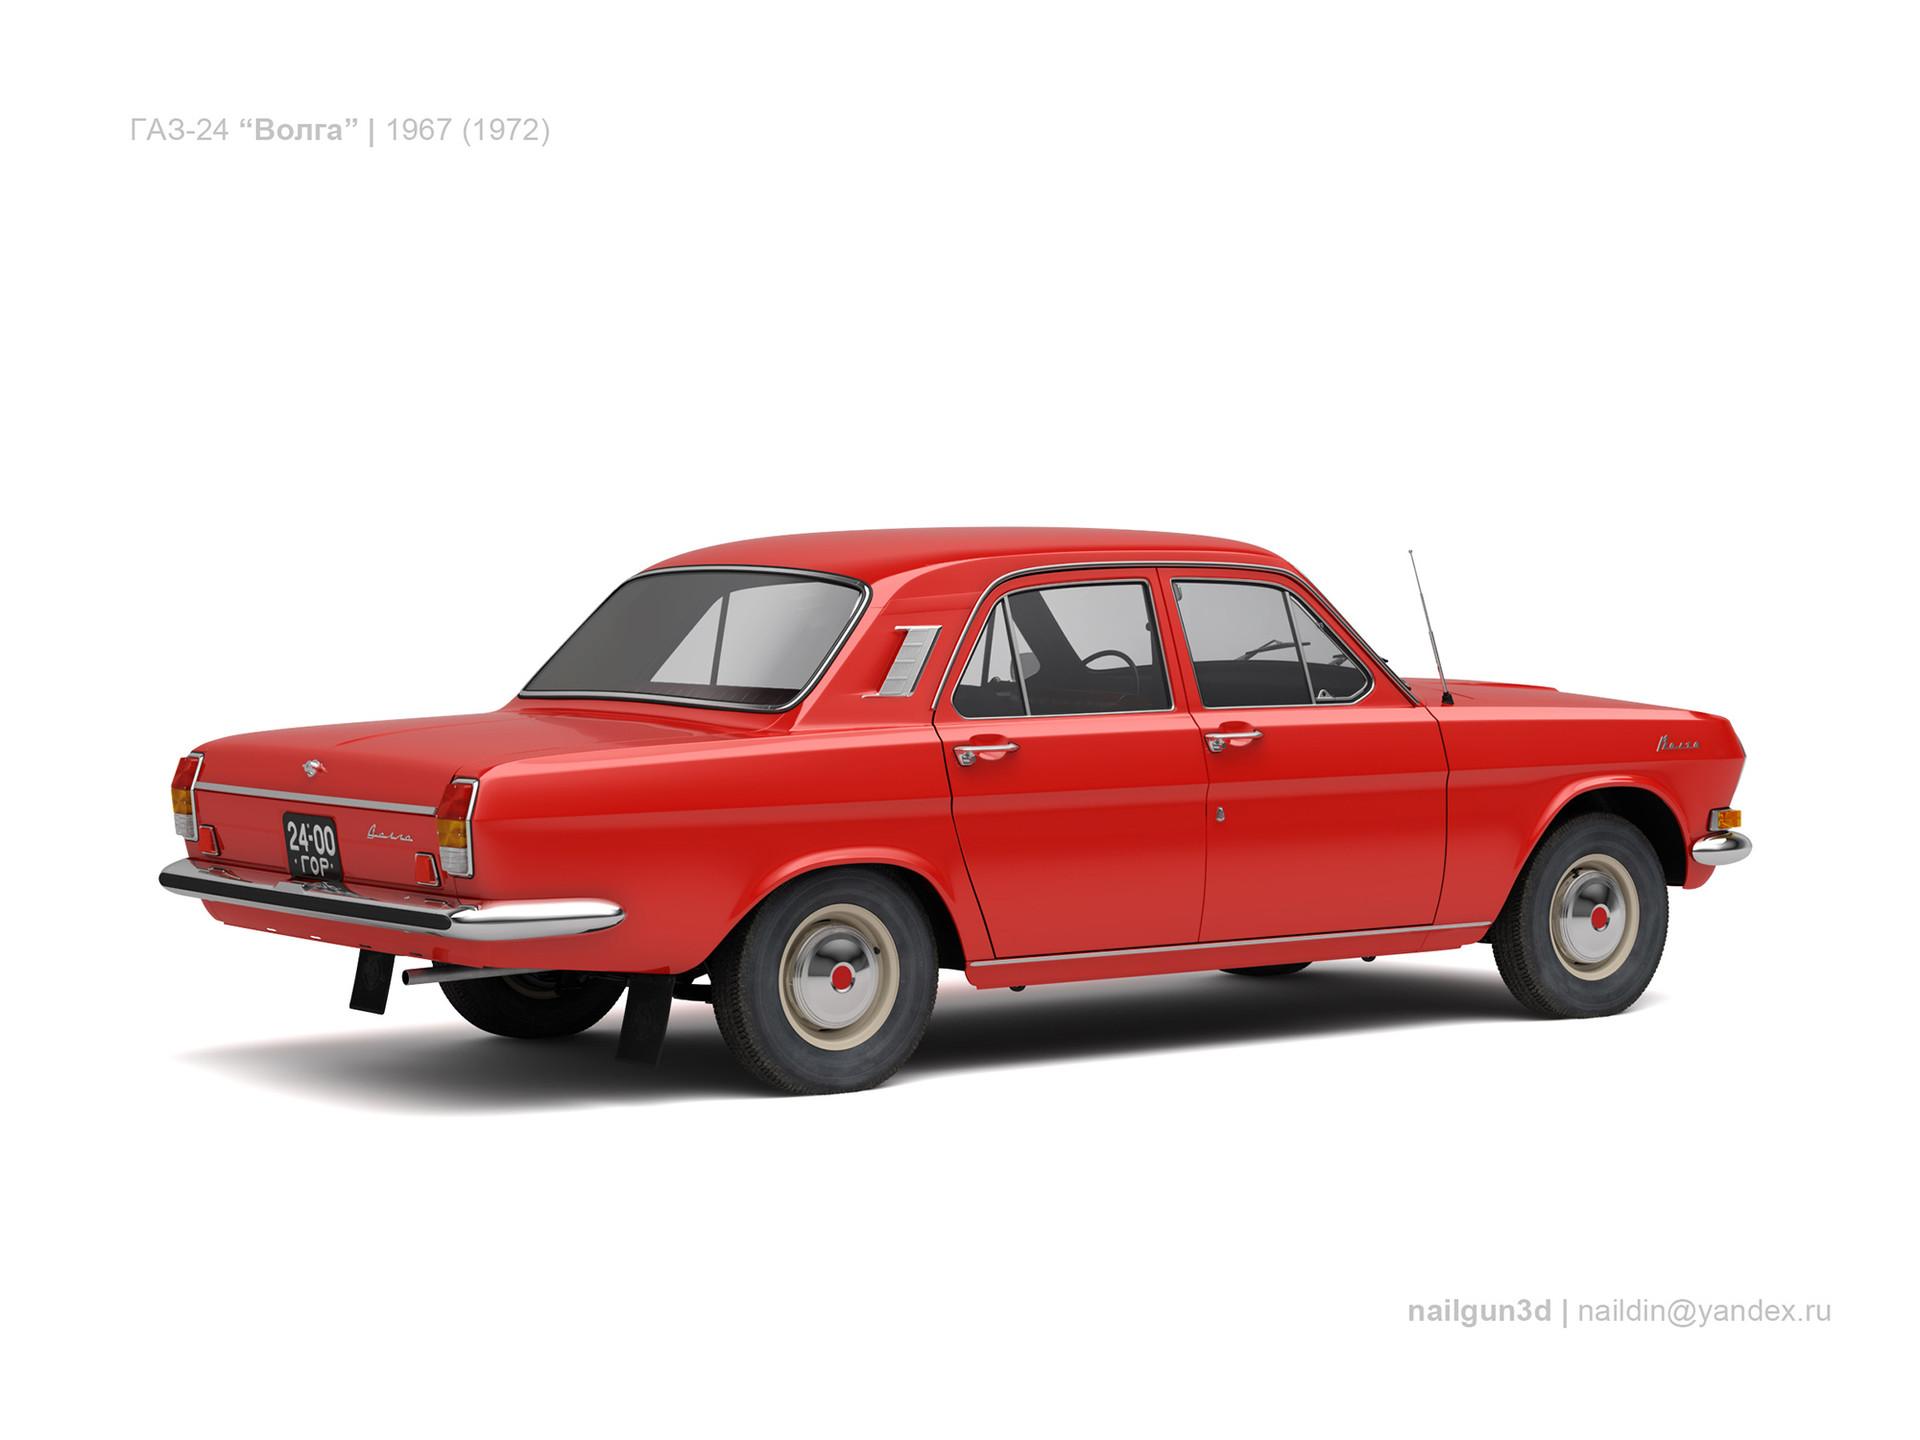 Nail khusnutdinov ussr gaz 24 volga 1967 72 1